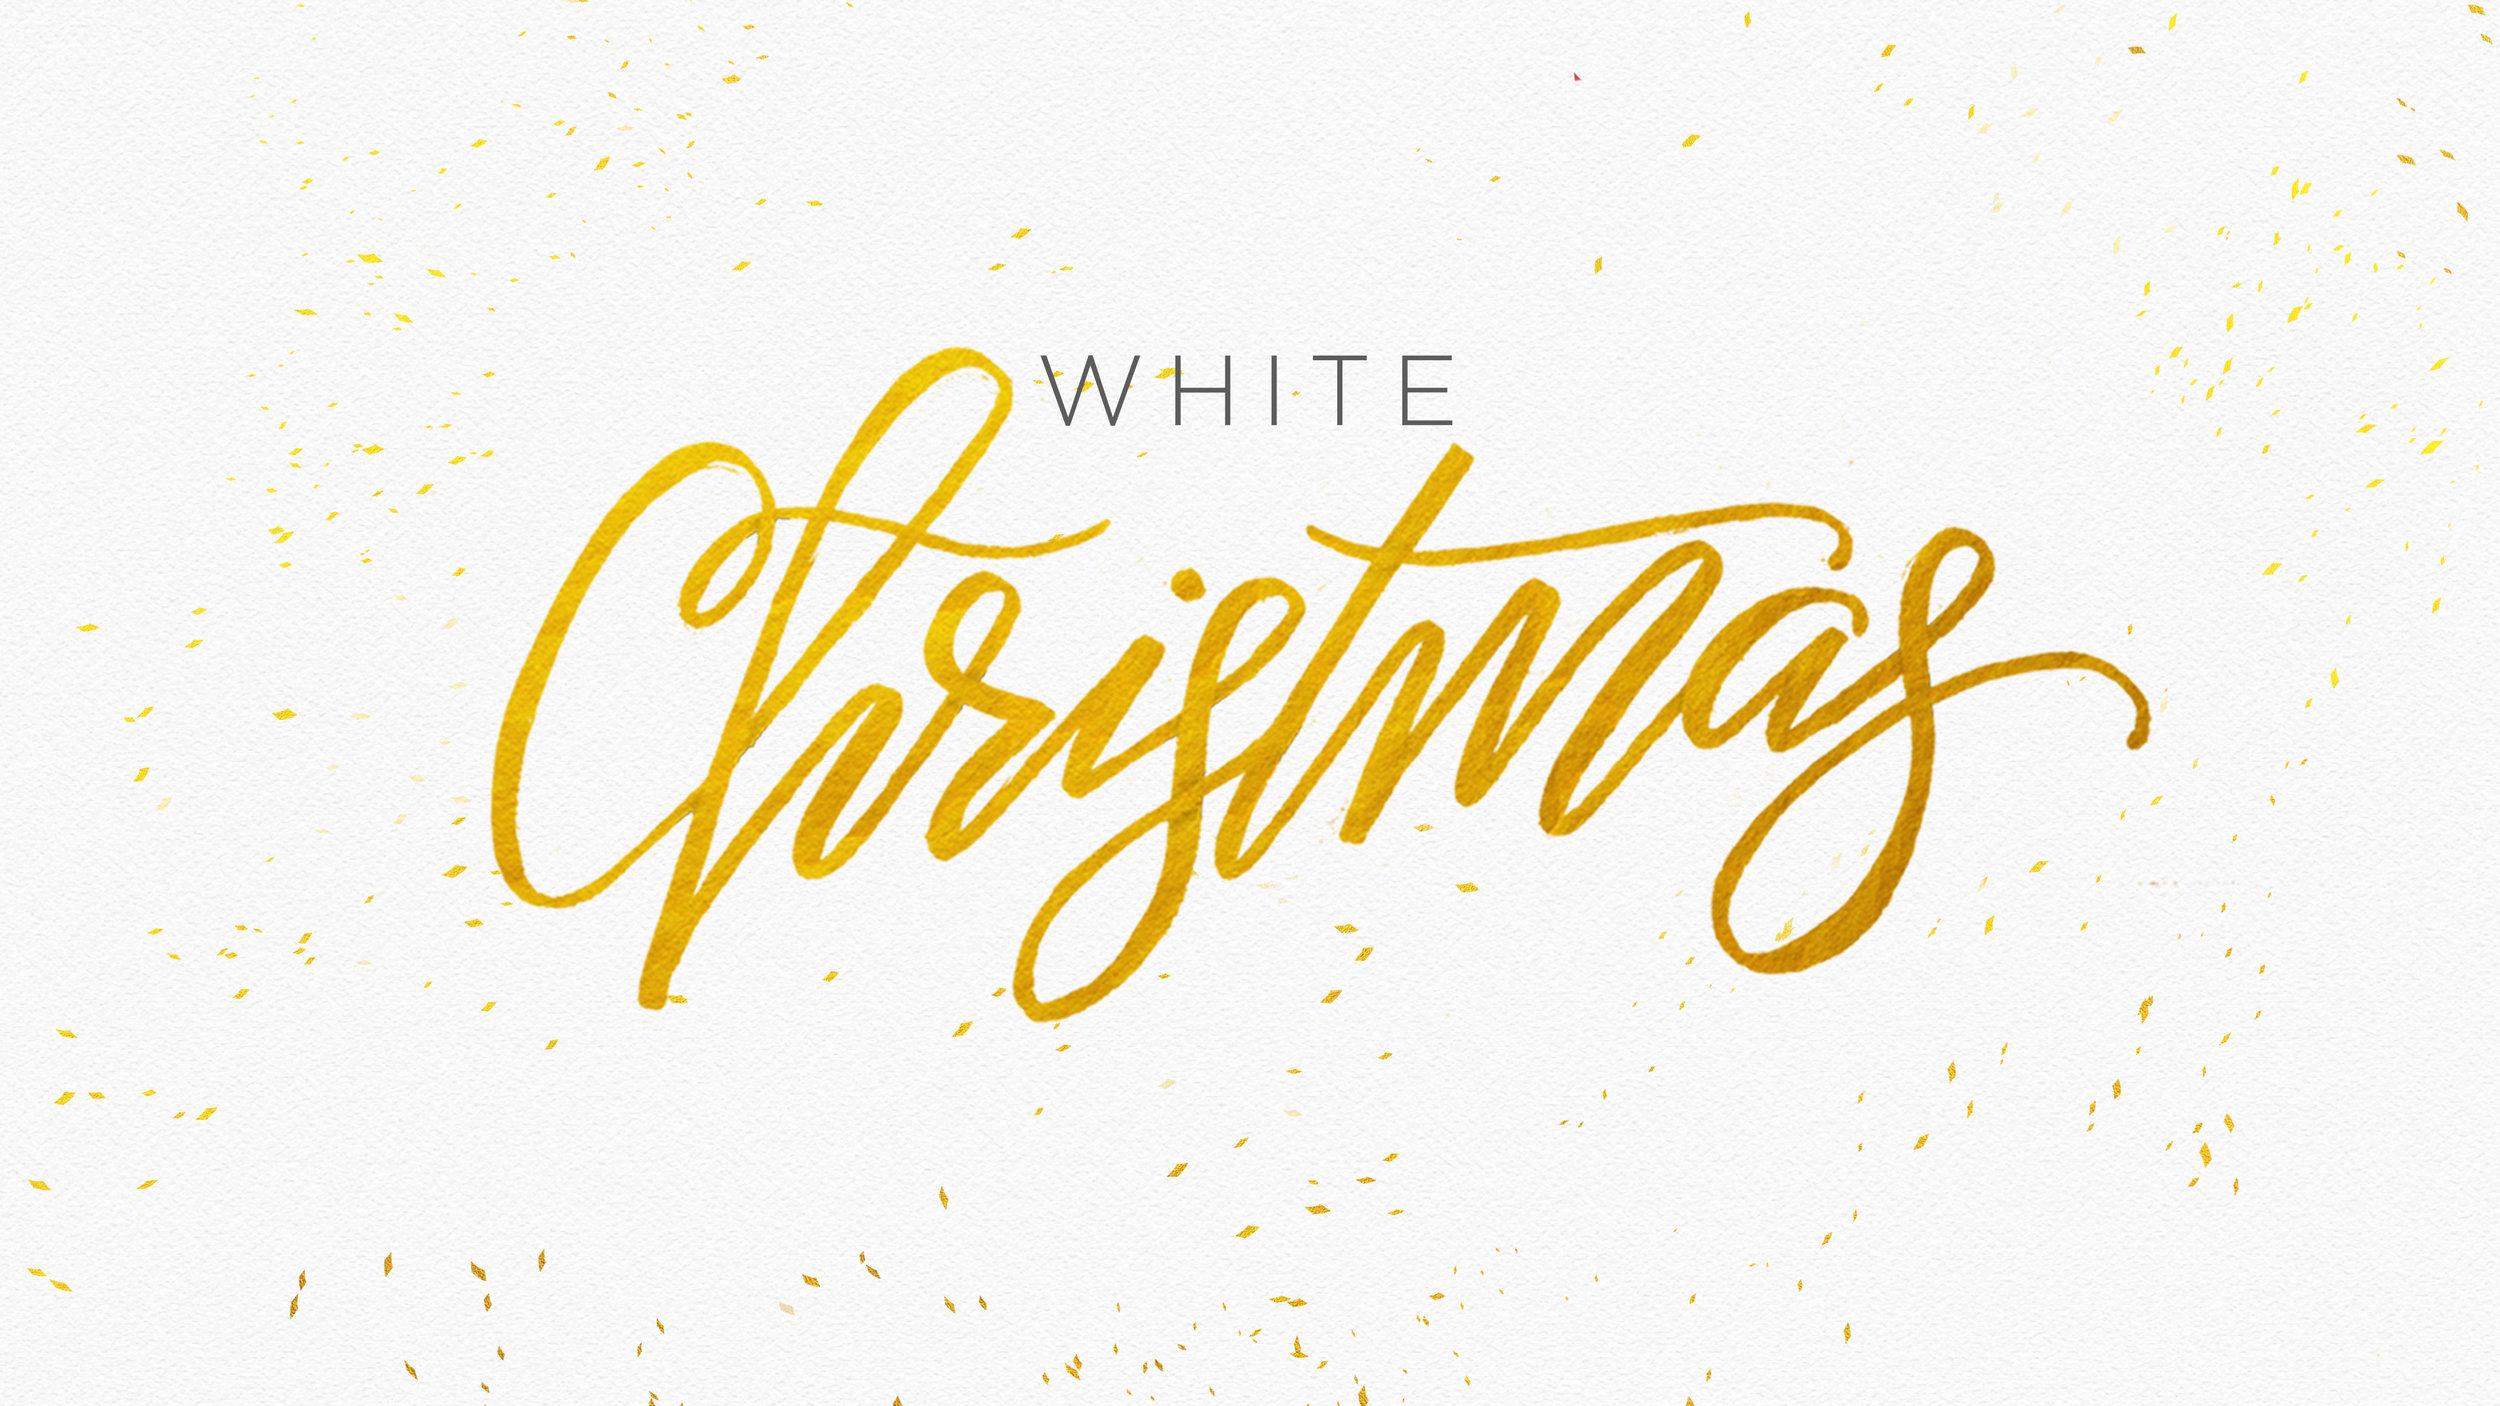 WHITE CHRISTMAS 16 9.jpg